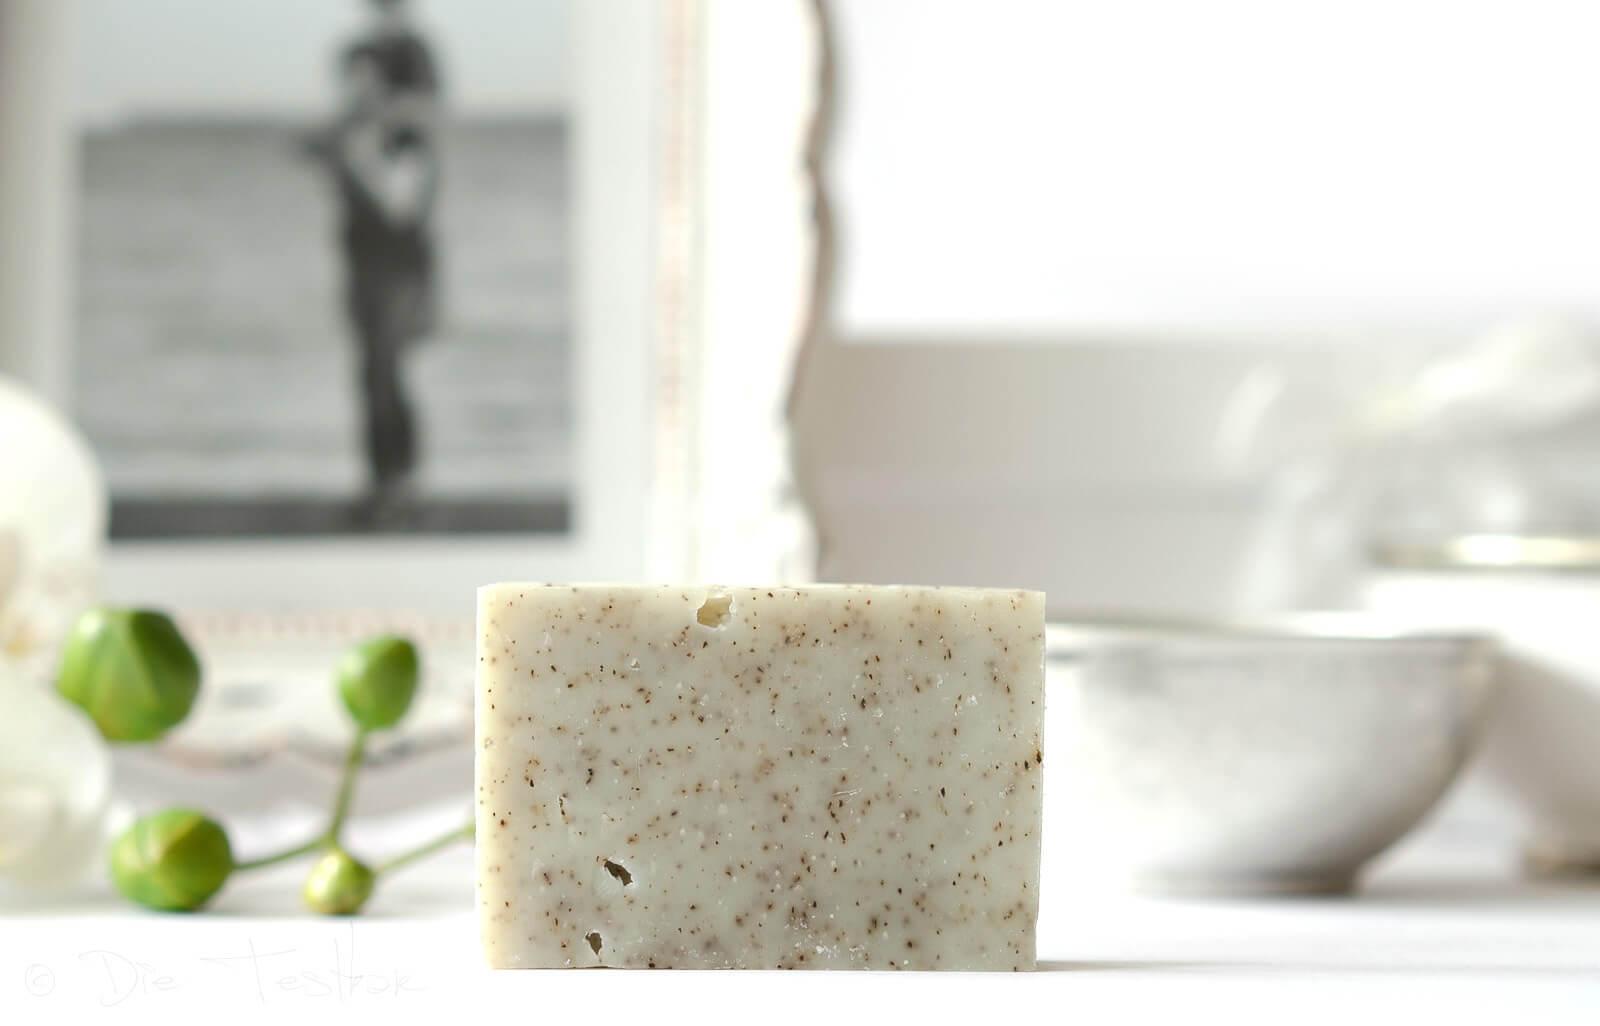 Die anregendste unserer durch Kaltverseifung hergestellten Seifen, unser Schneckenschleim mit einer pflanzlichen Verbindung mit herausragenden Eigenschaften.